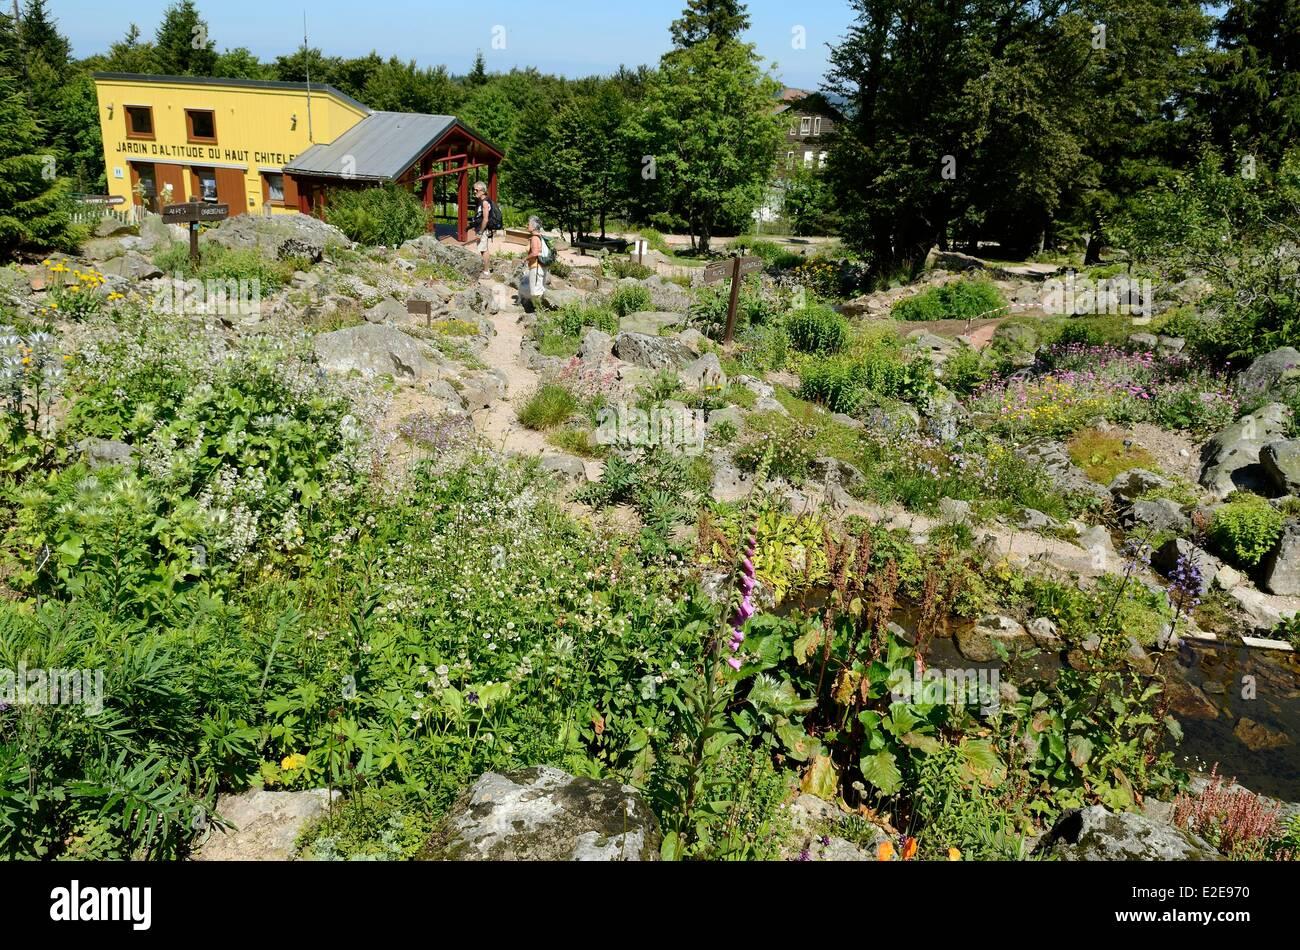 France vosges hautes vosges xonrupt longemer haut chitelet for Jardin remarquable